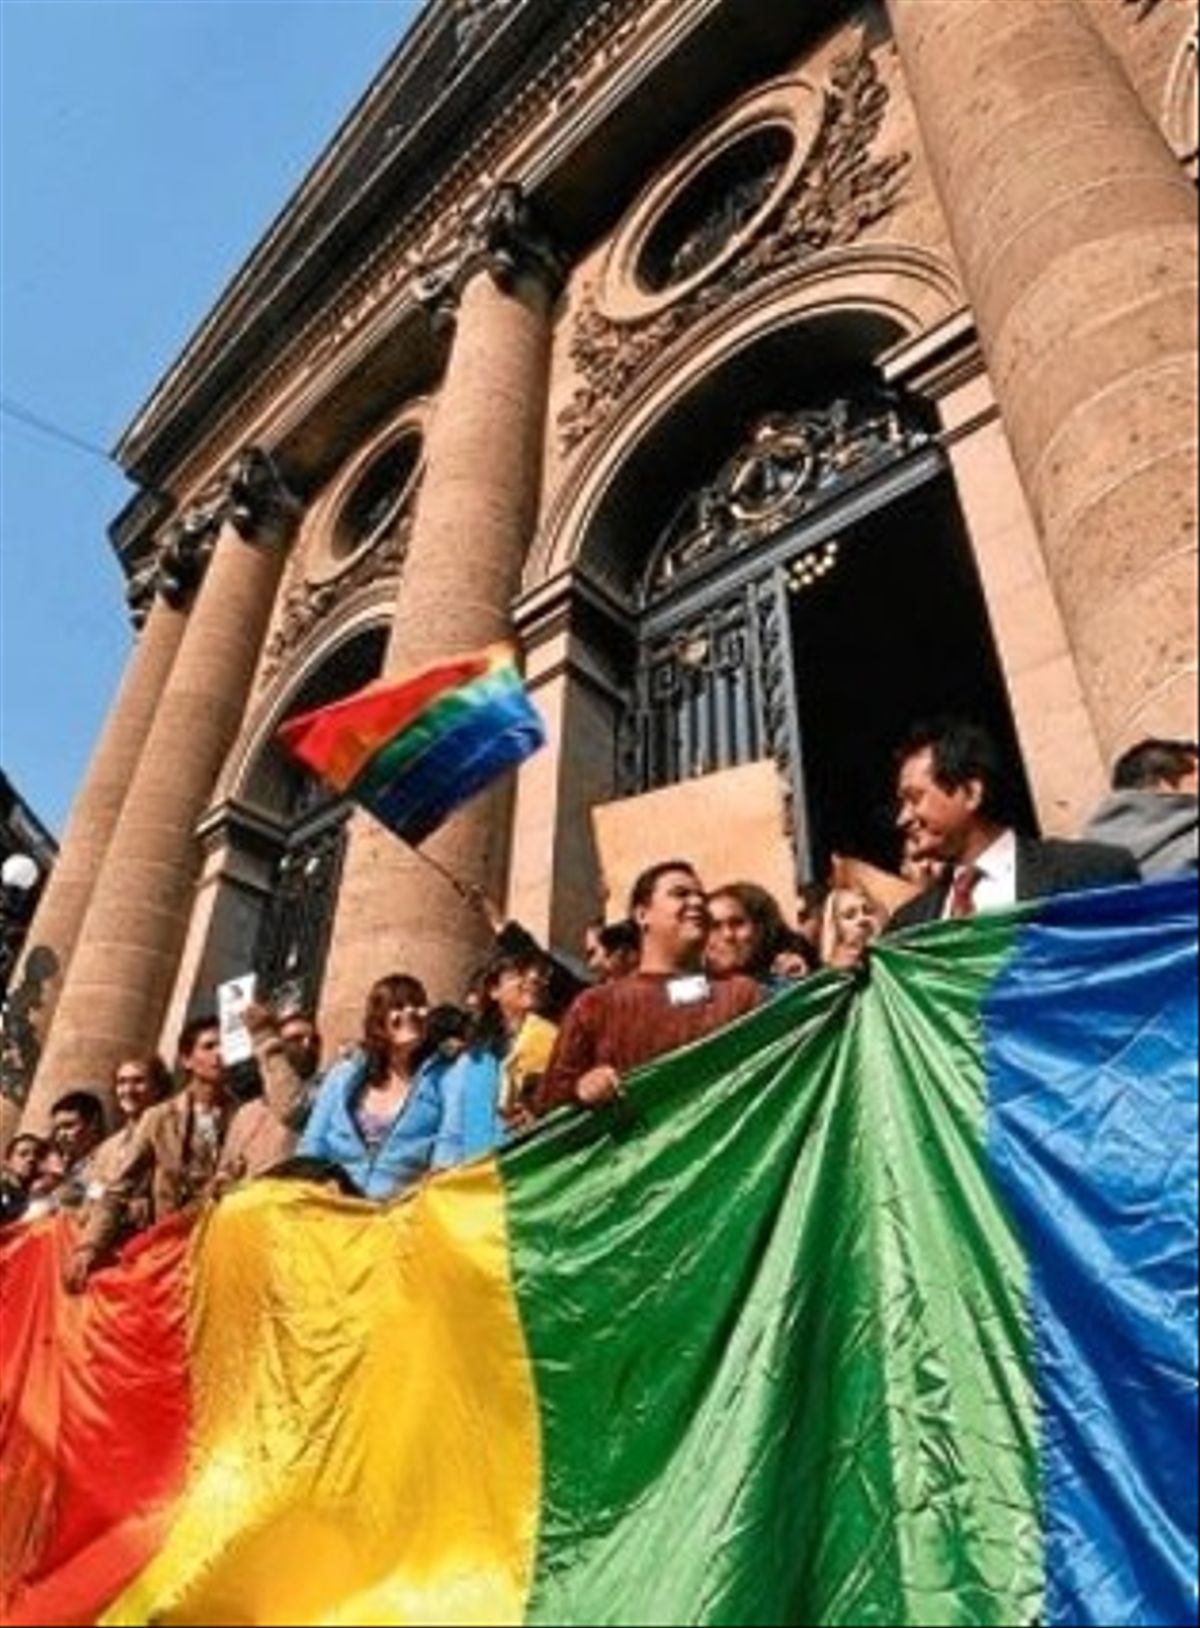 Membres del col·lectiu gai celebren la victòria a la capital de Mèxic.